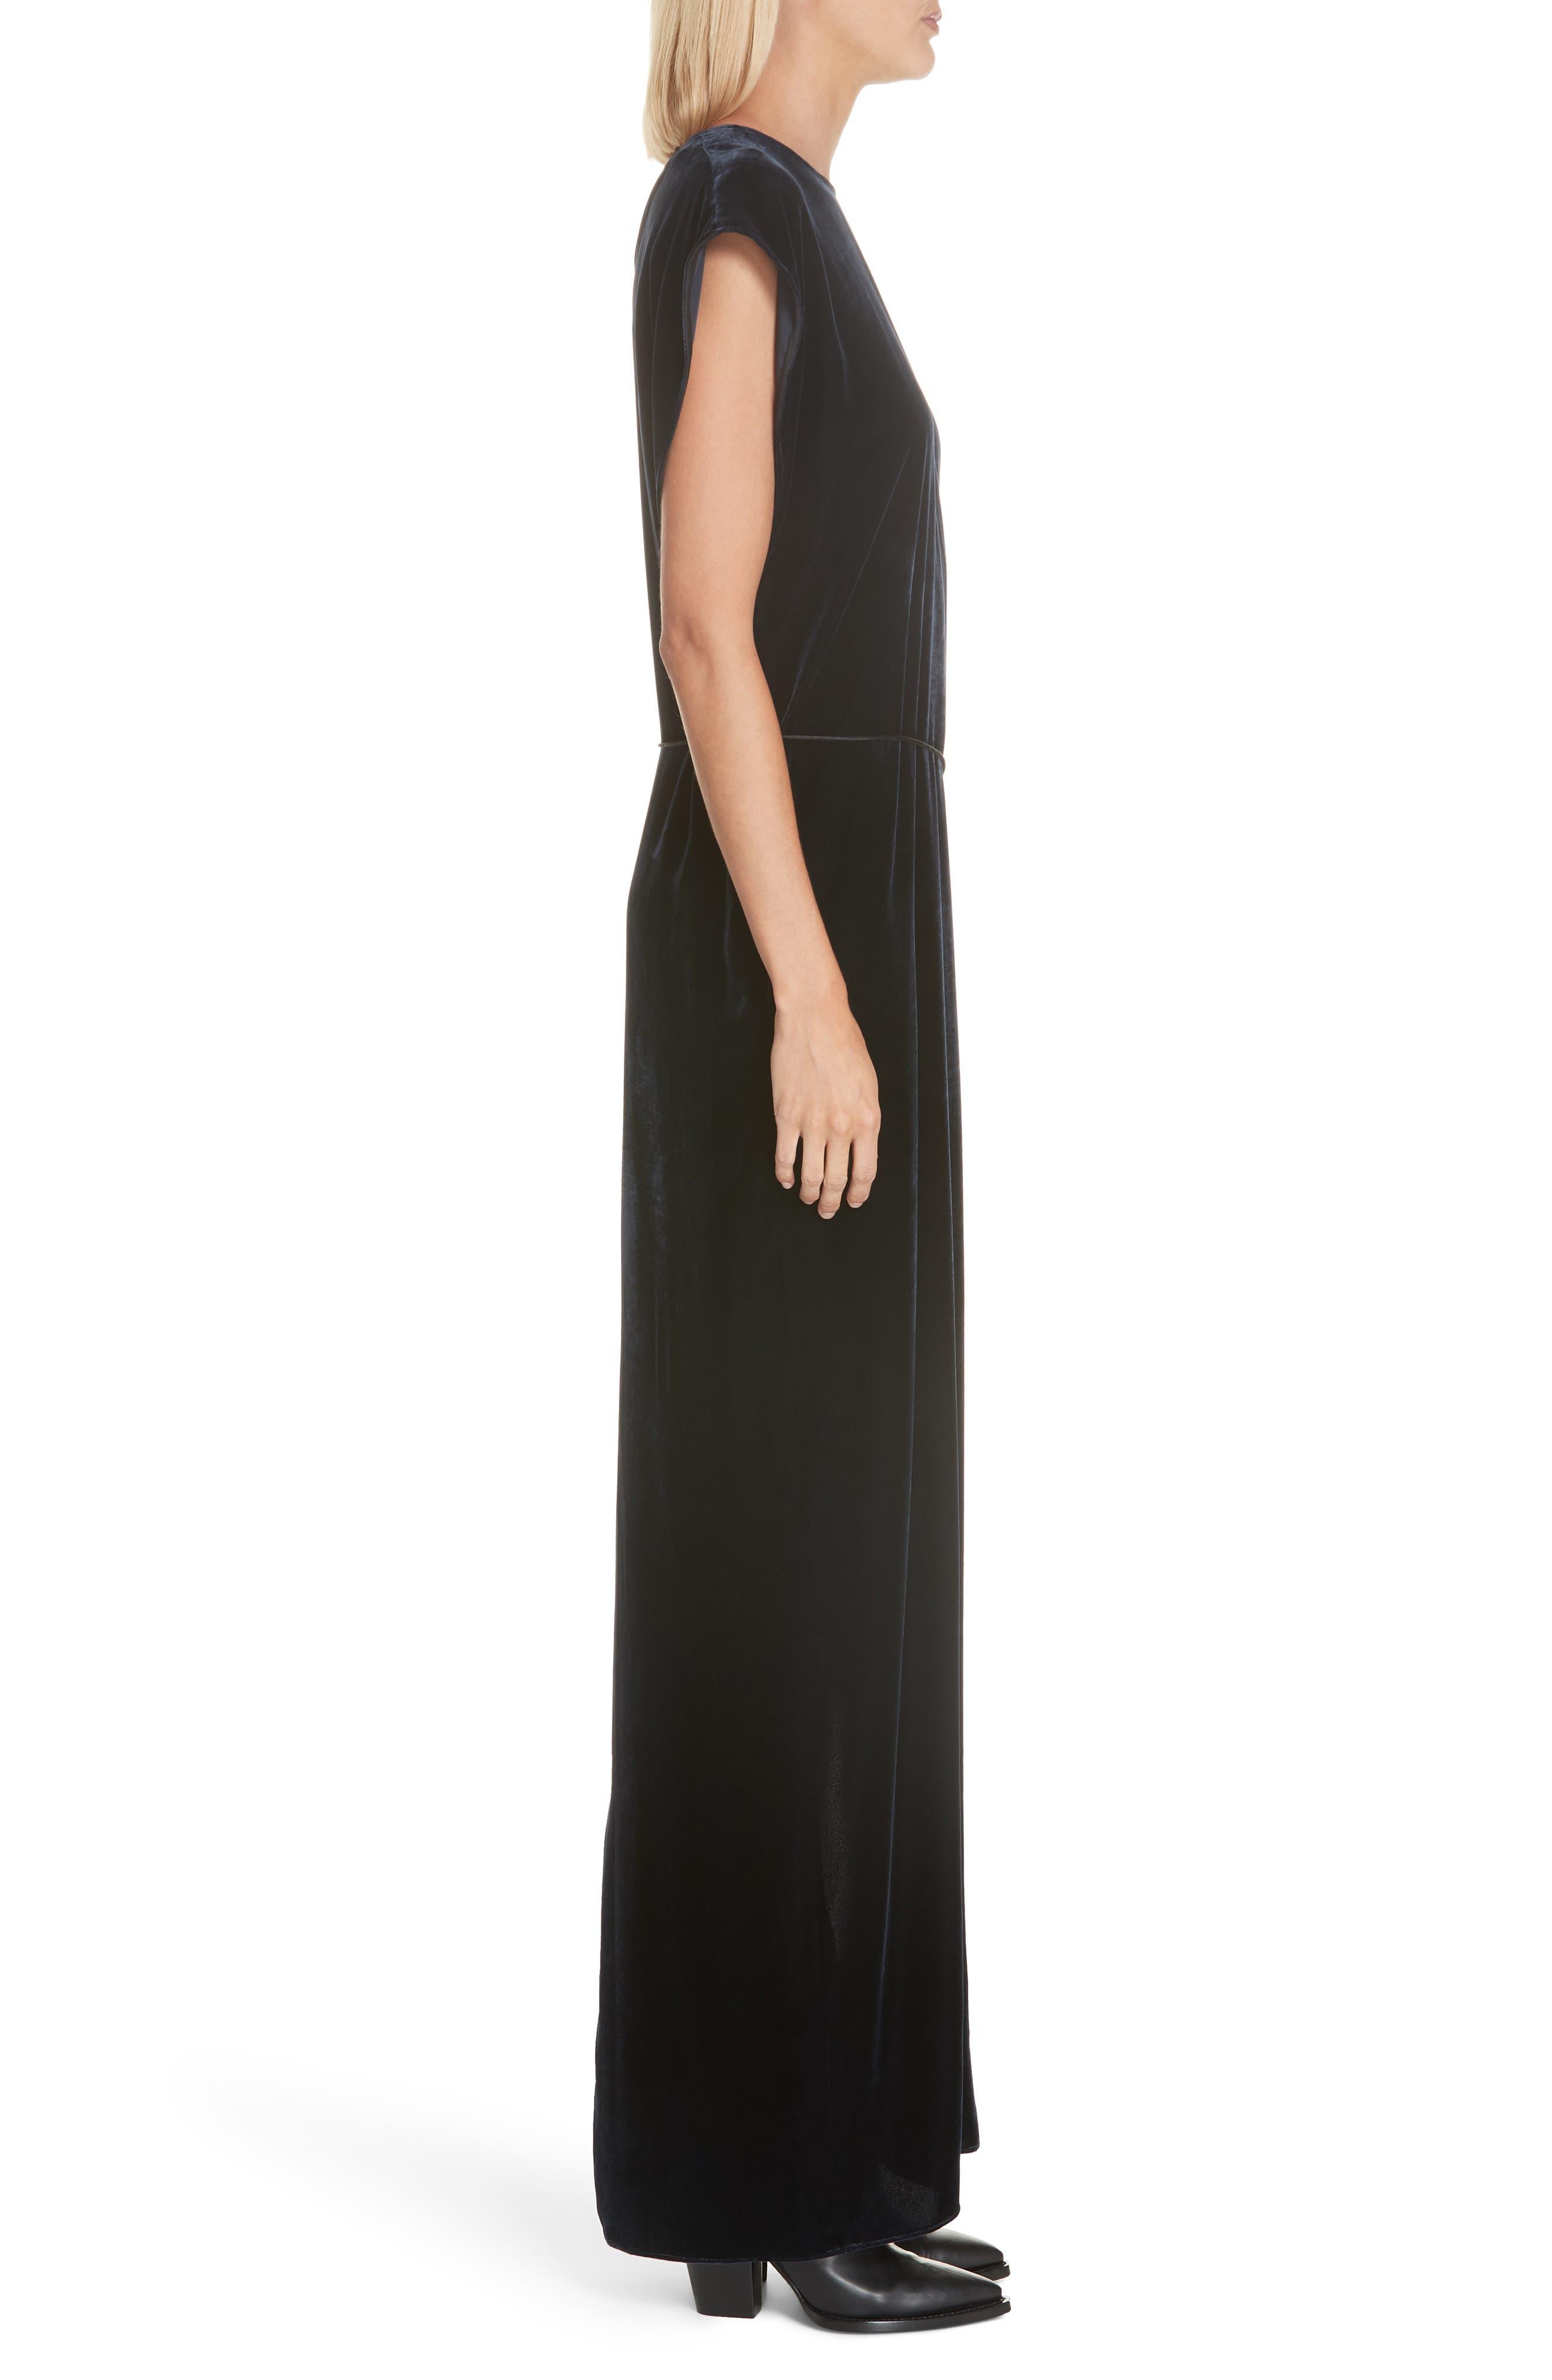 NILI LOTAN, Lillian Velvet Dress, Alternate thumbnail 3, color, DARK NAVY